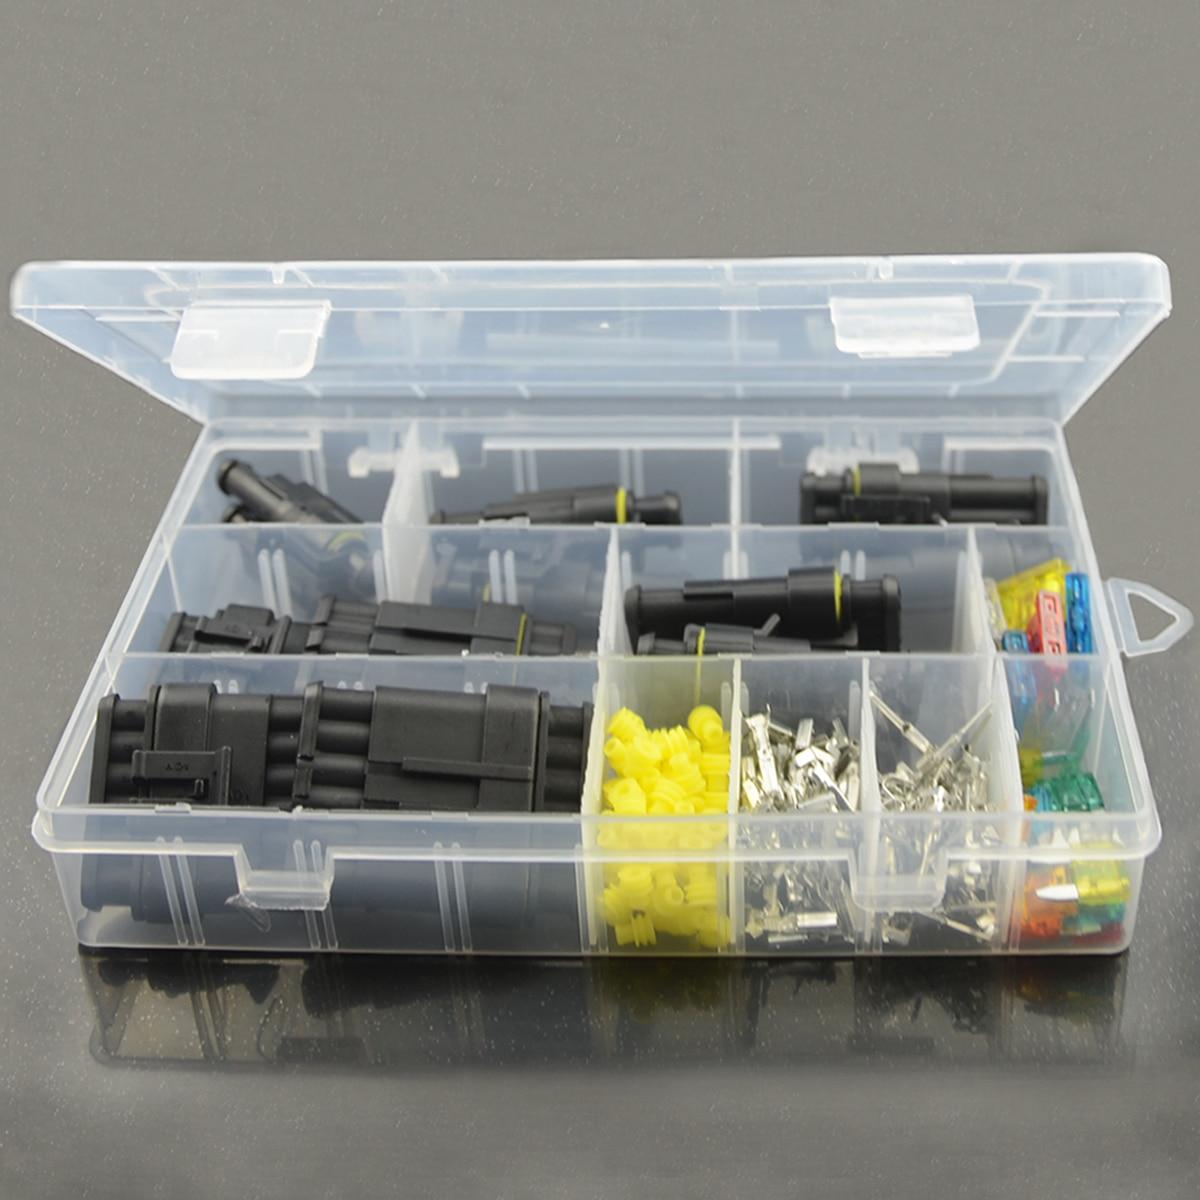 imágenes para Junhom Alambre Conector Auto Car Hid Caja Set de 1 a 6 Vías Conector Eléctrico A Prueba de agua y La Cuchilla Fusible